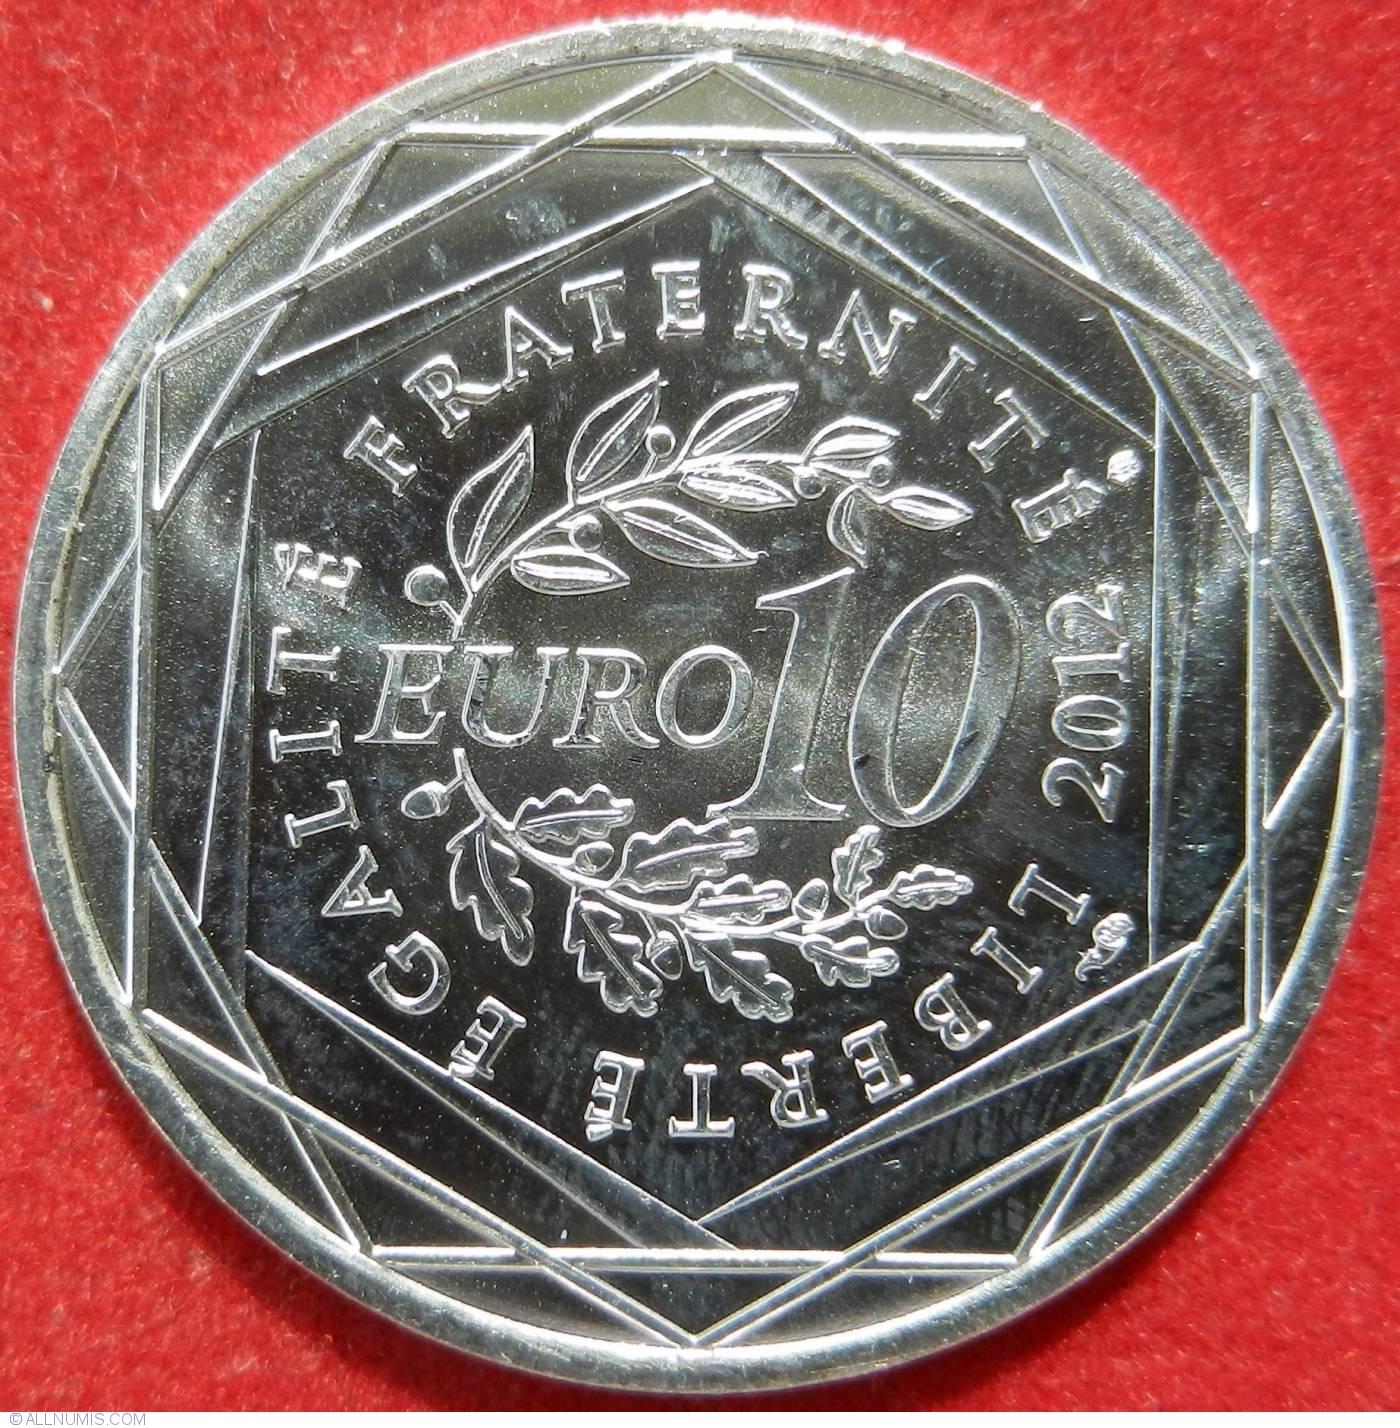 10 euros 2012 euro 2010 2019 france coin 22472. Black Bedroom Furniture Sets. Home Design Ideas